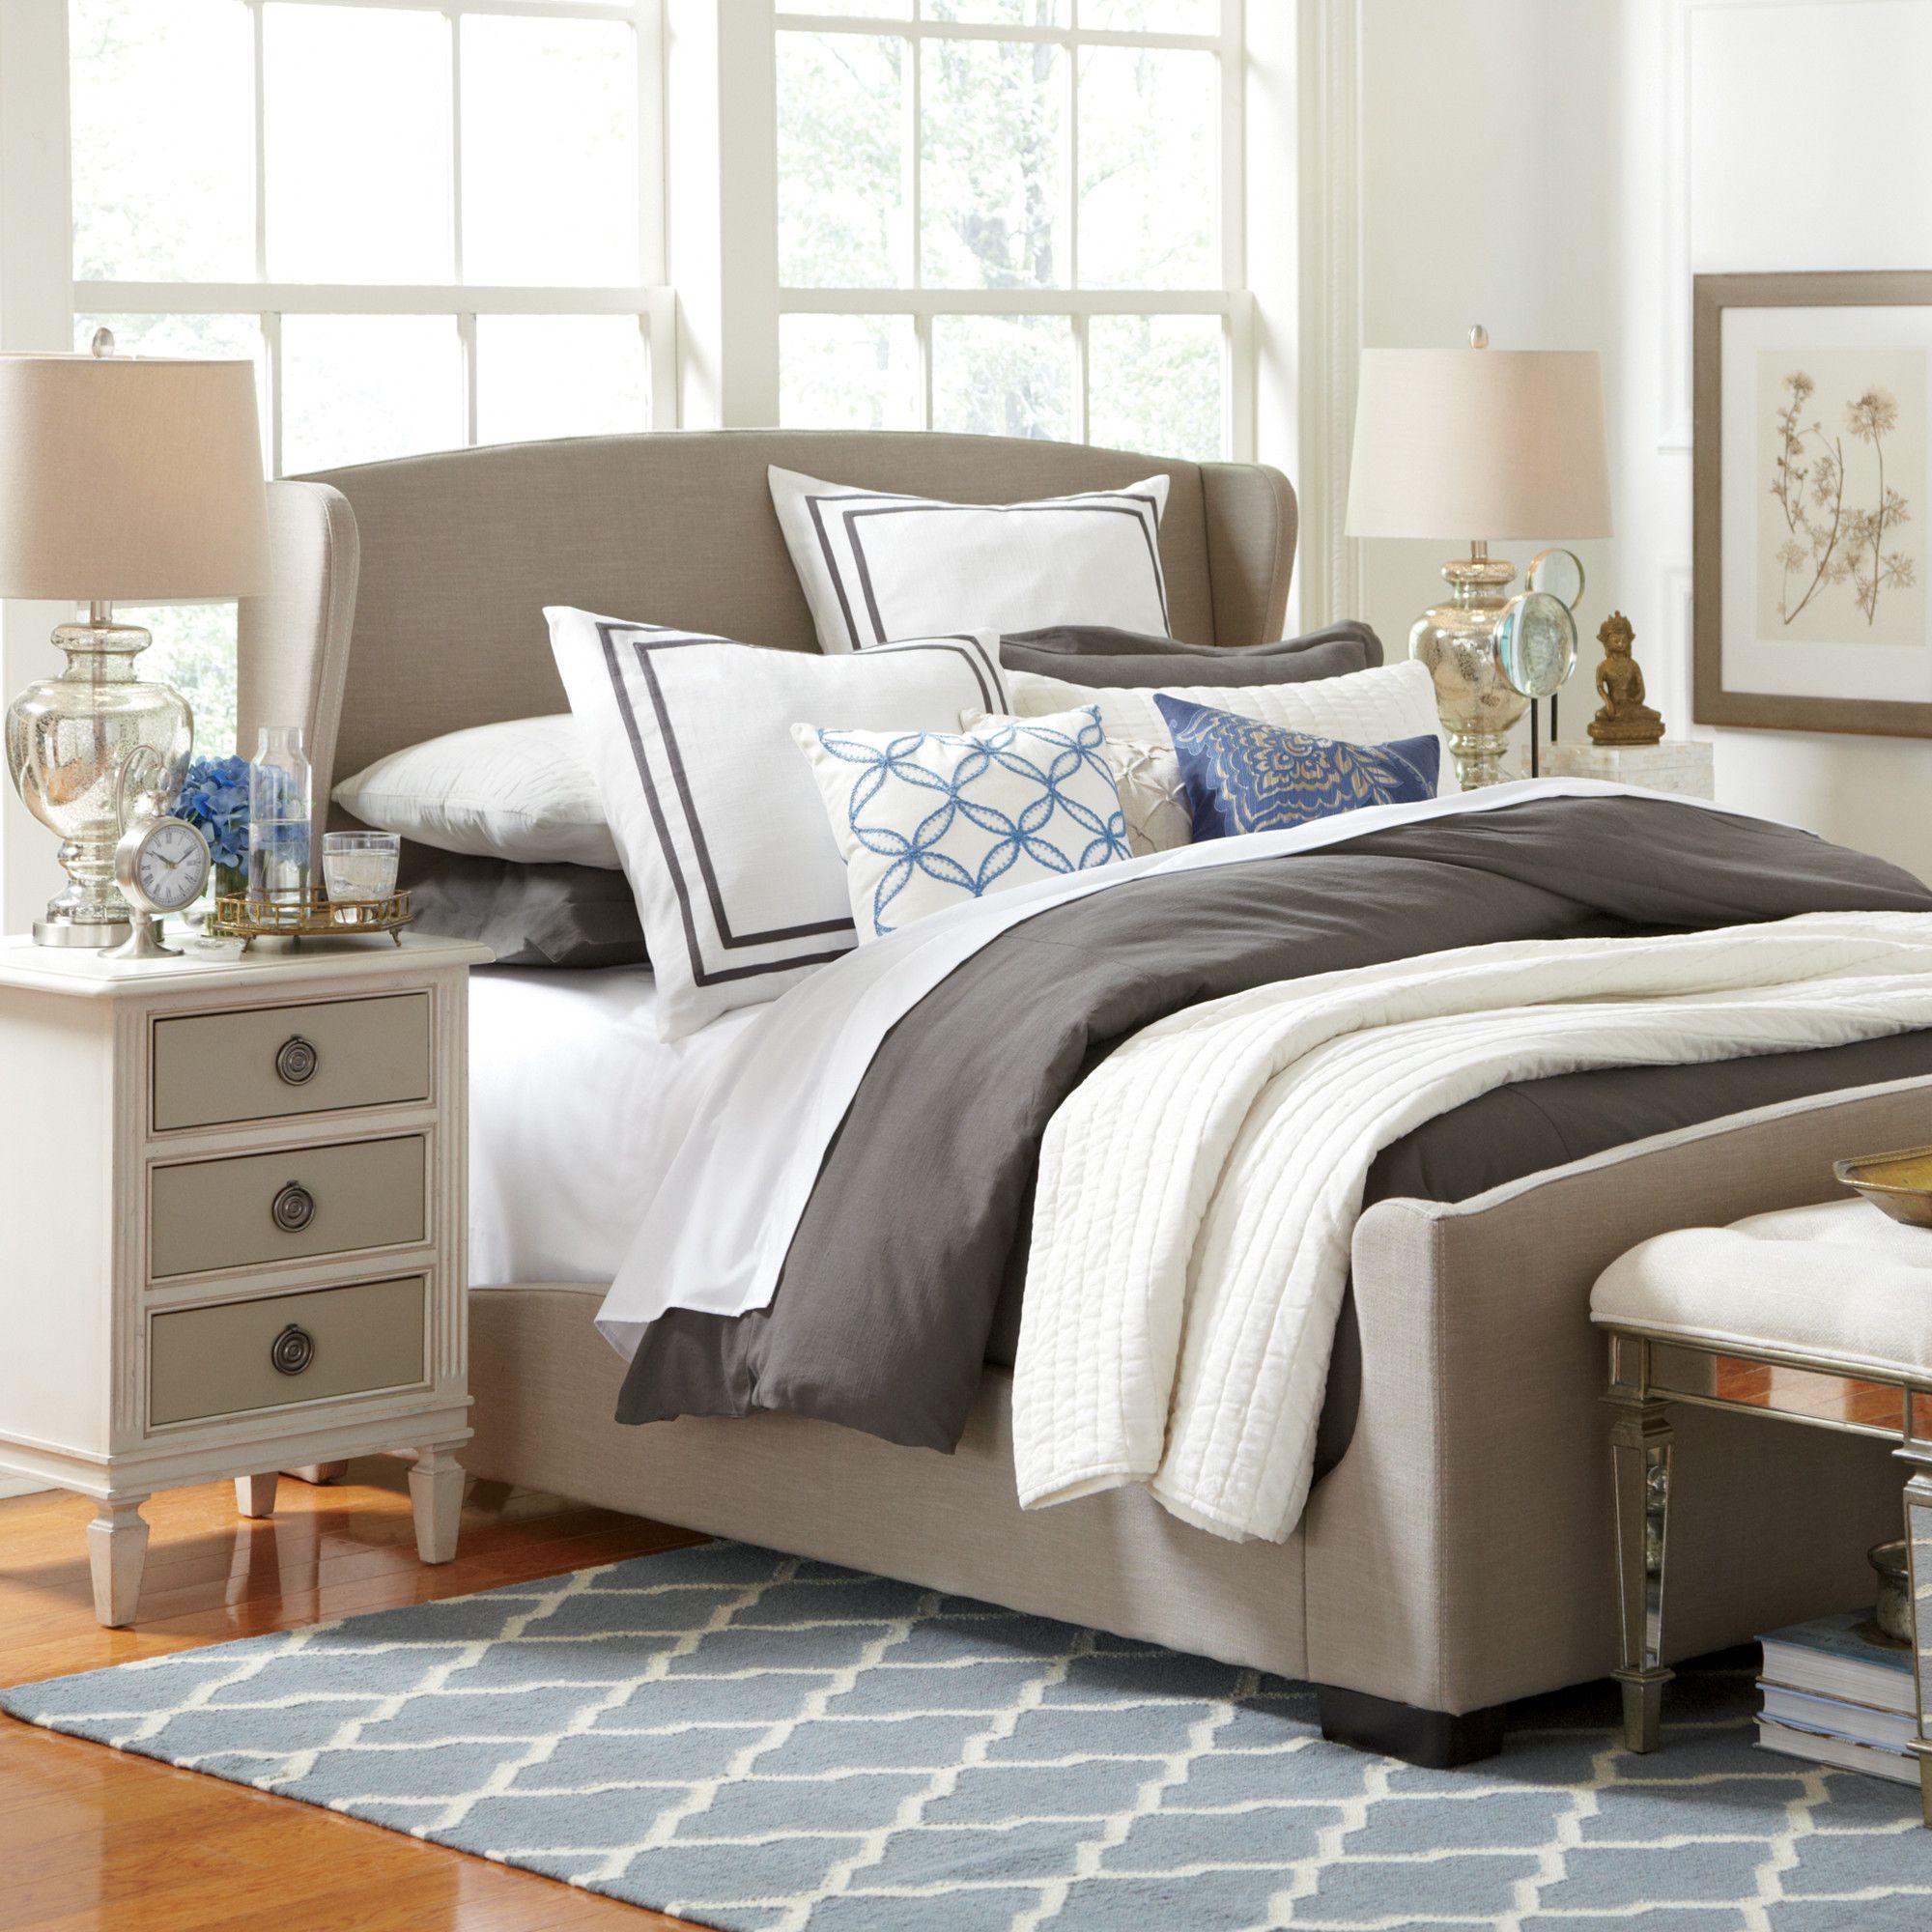 Best Birch Lane Baxter Bed Baxter Beds Furniture 640 x 480